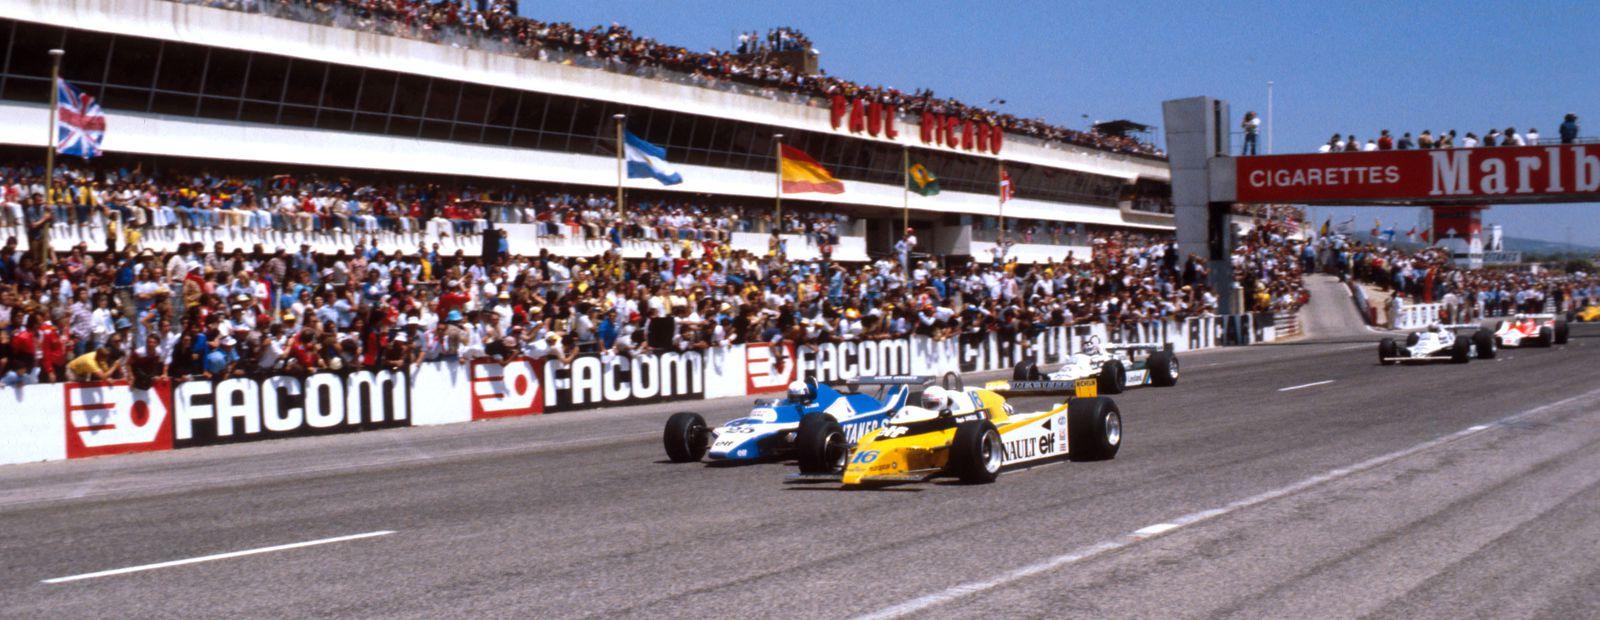 Grand Prix tertua di dunia